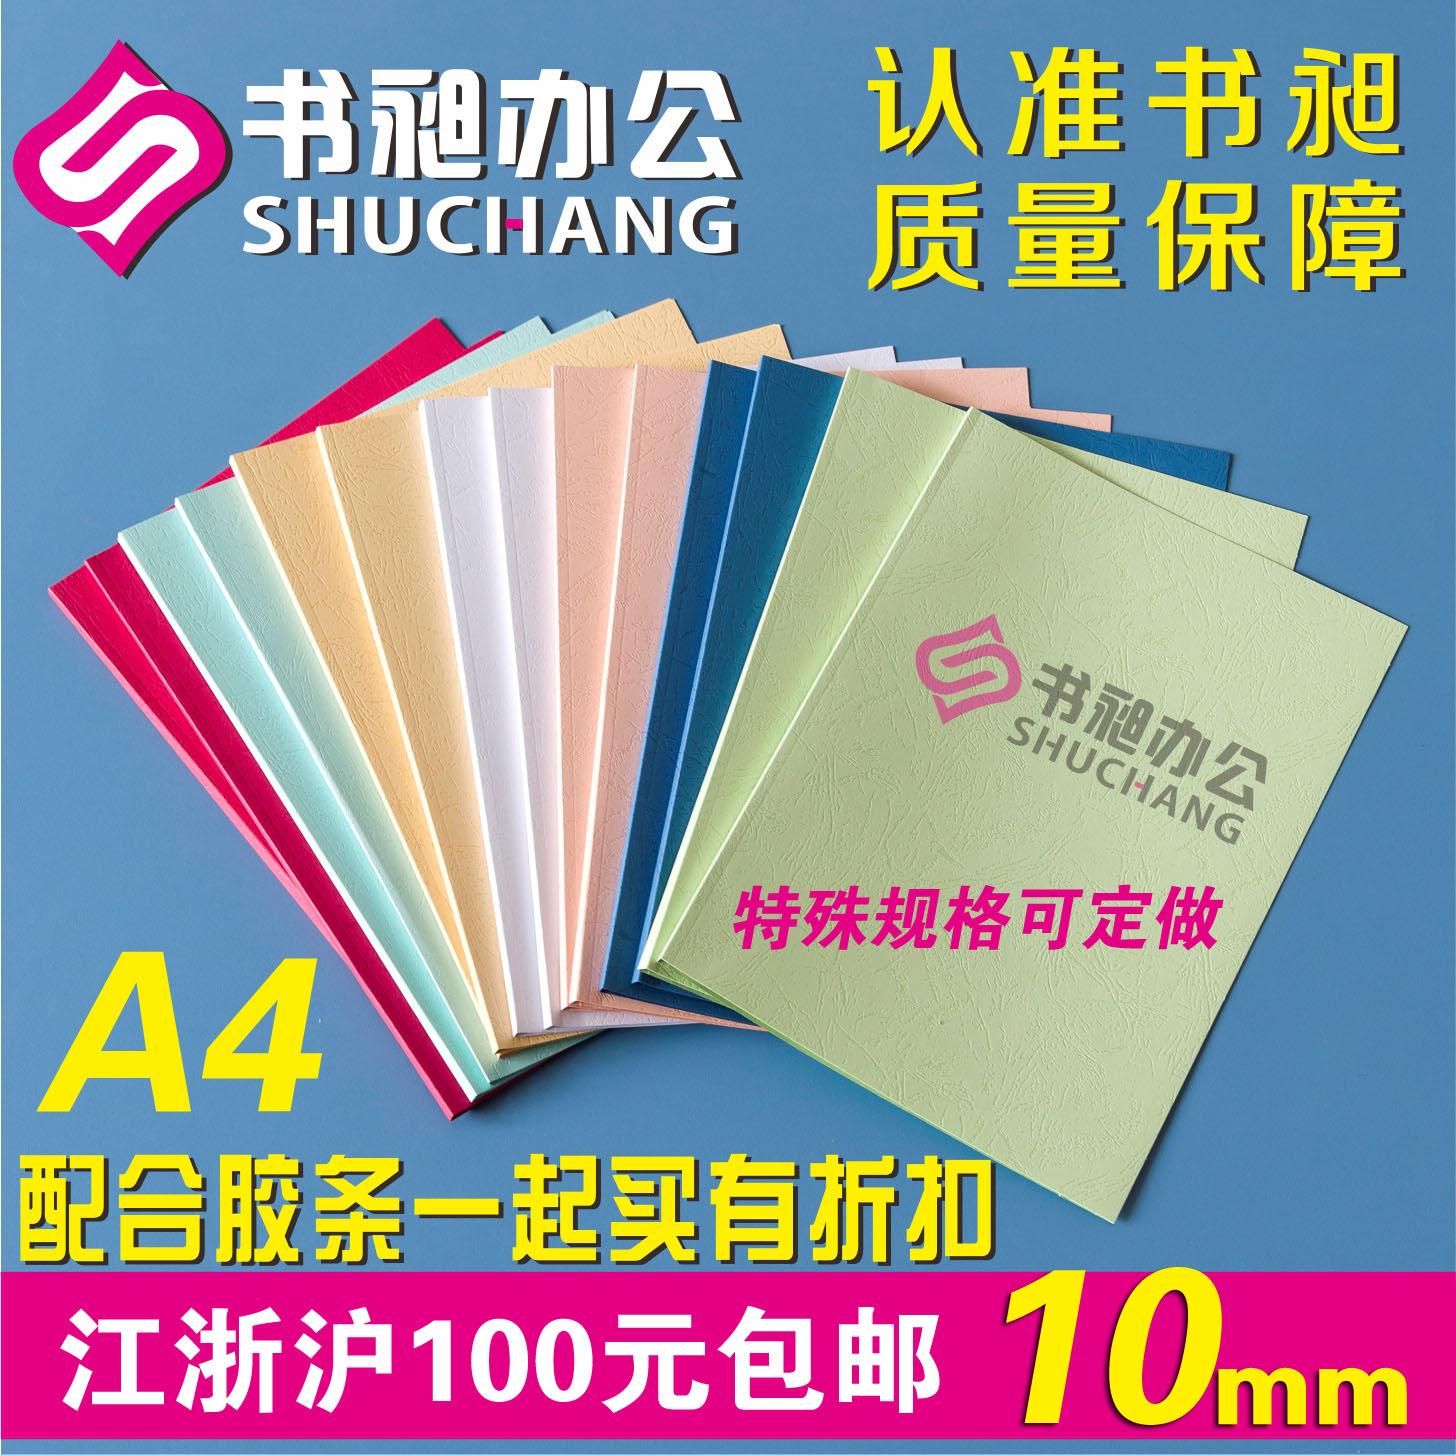 Обложка для книги с плавающей оболочкой 10 мм A4 стандартный Бумажная обложка конверт для горячего расплава с крышкой DIY-печать